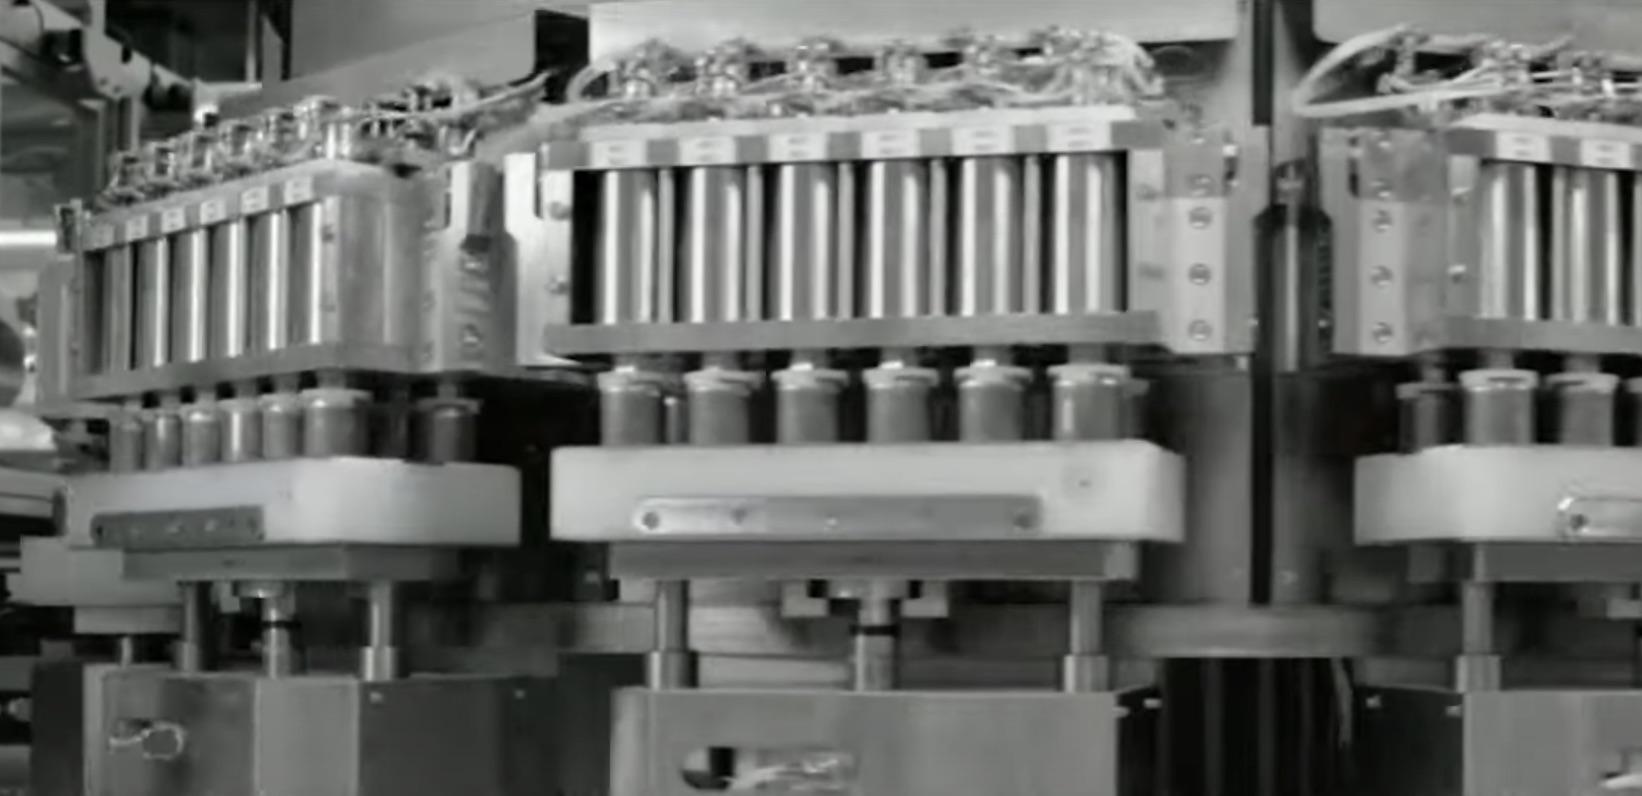 Аккумуляторные элементы Tesla 4680 будут производить Panasonic с 2021 года: отчет